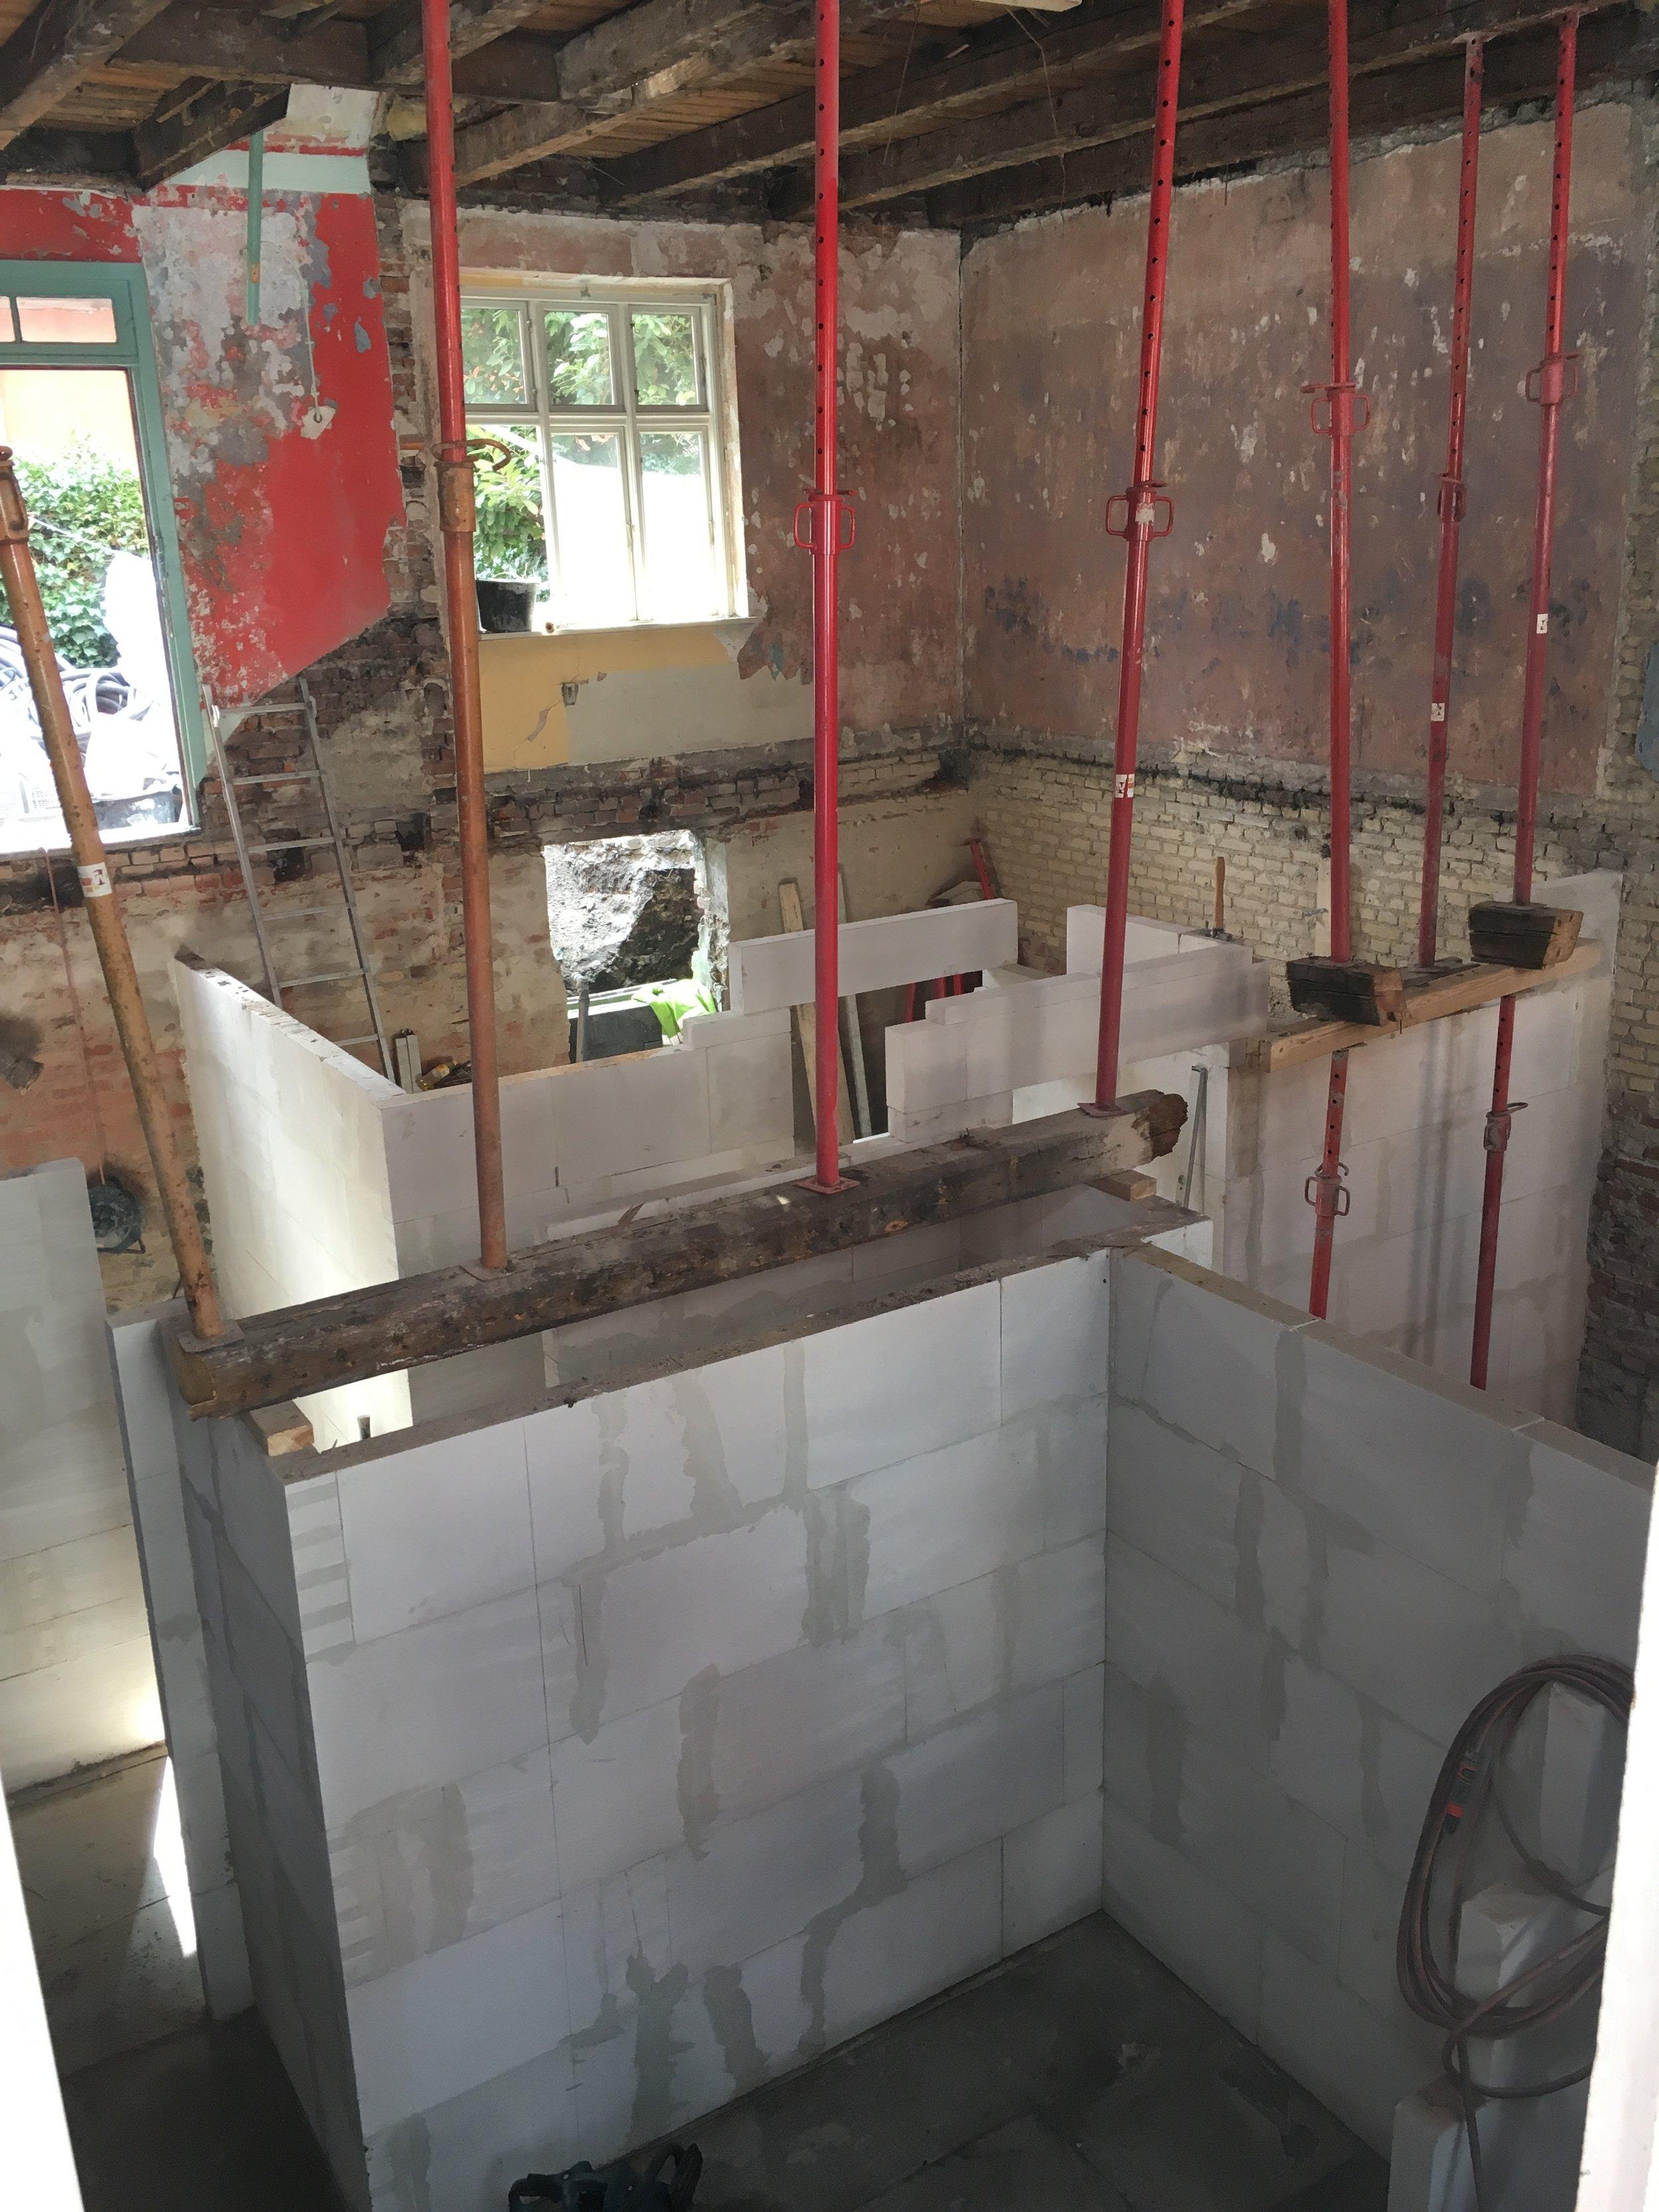 Bærende vægge og dæk imellem etager brydes ned og ny rumfordeling bygges op.